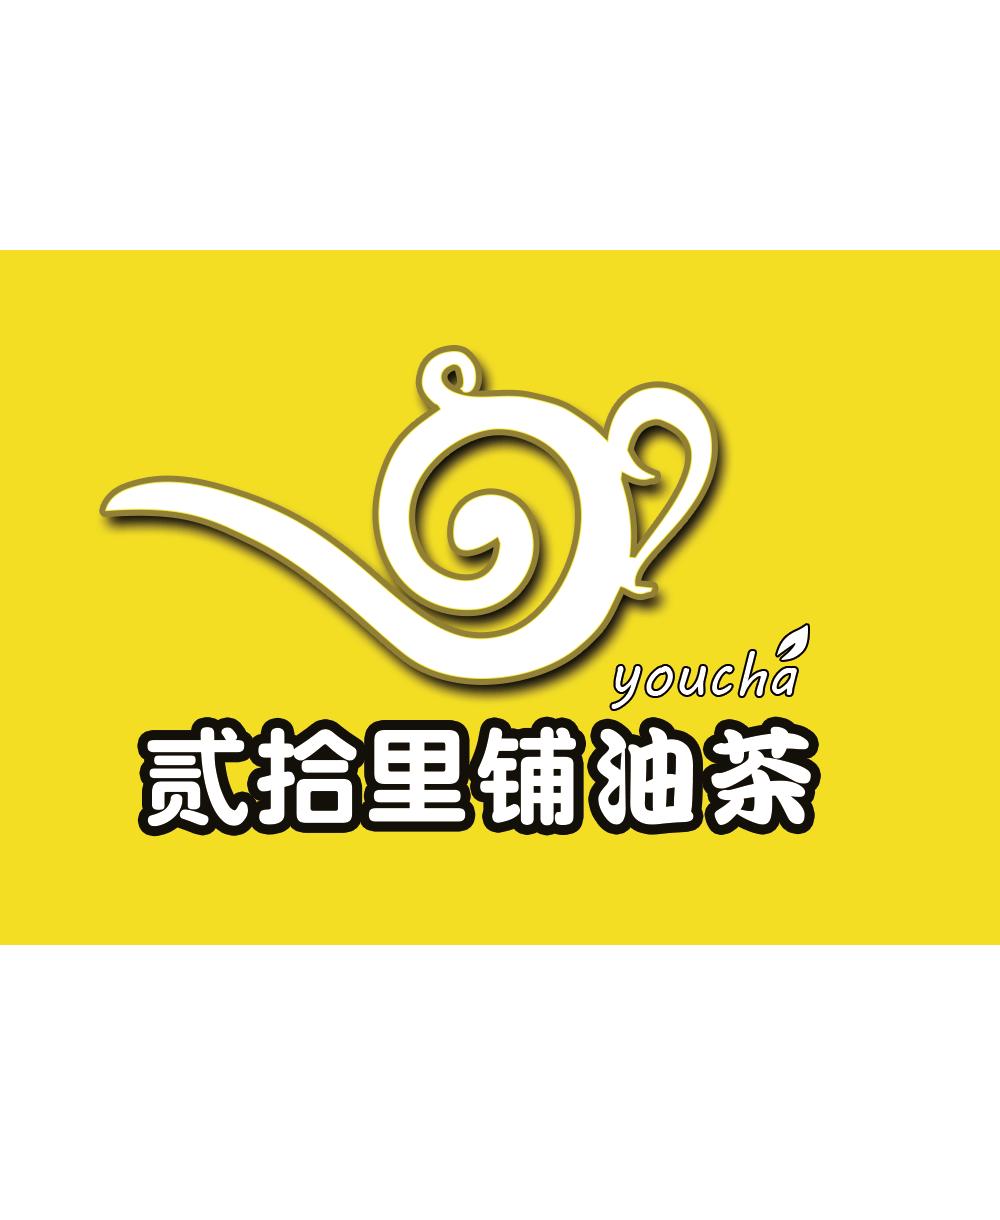 安徽新海鑫餐饮管理有限公司